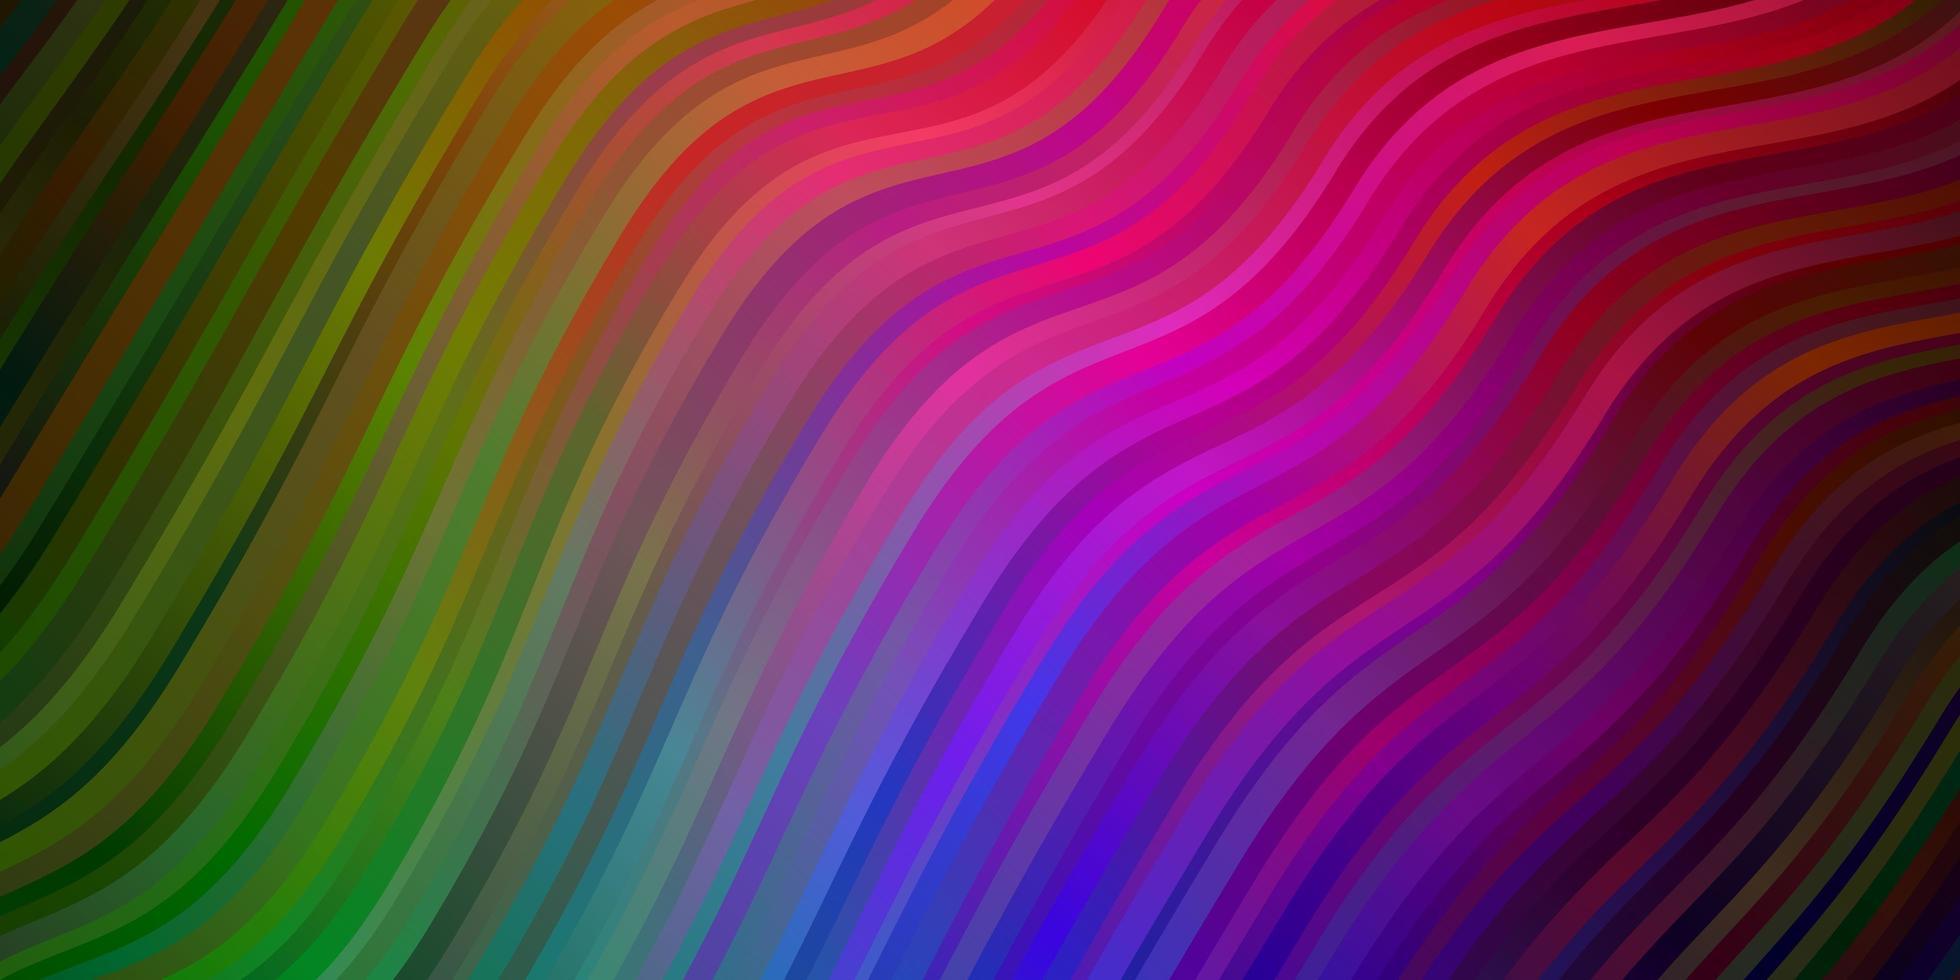 flerfärgad bakgrund med kurvor. vektor